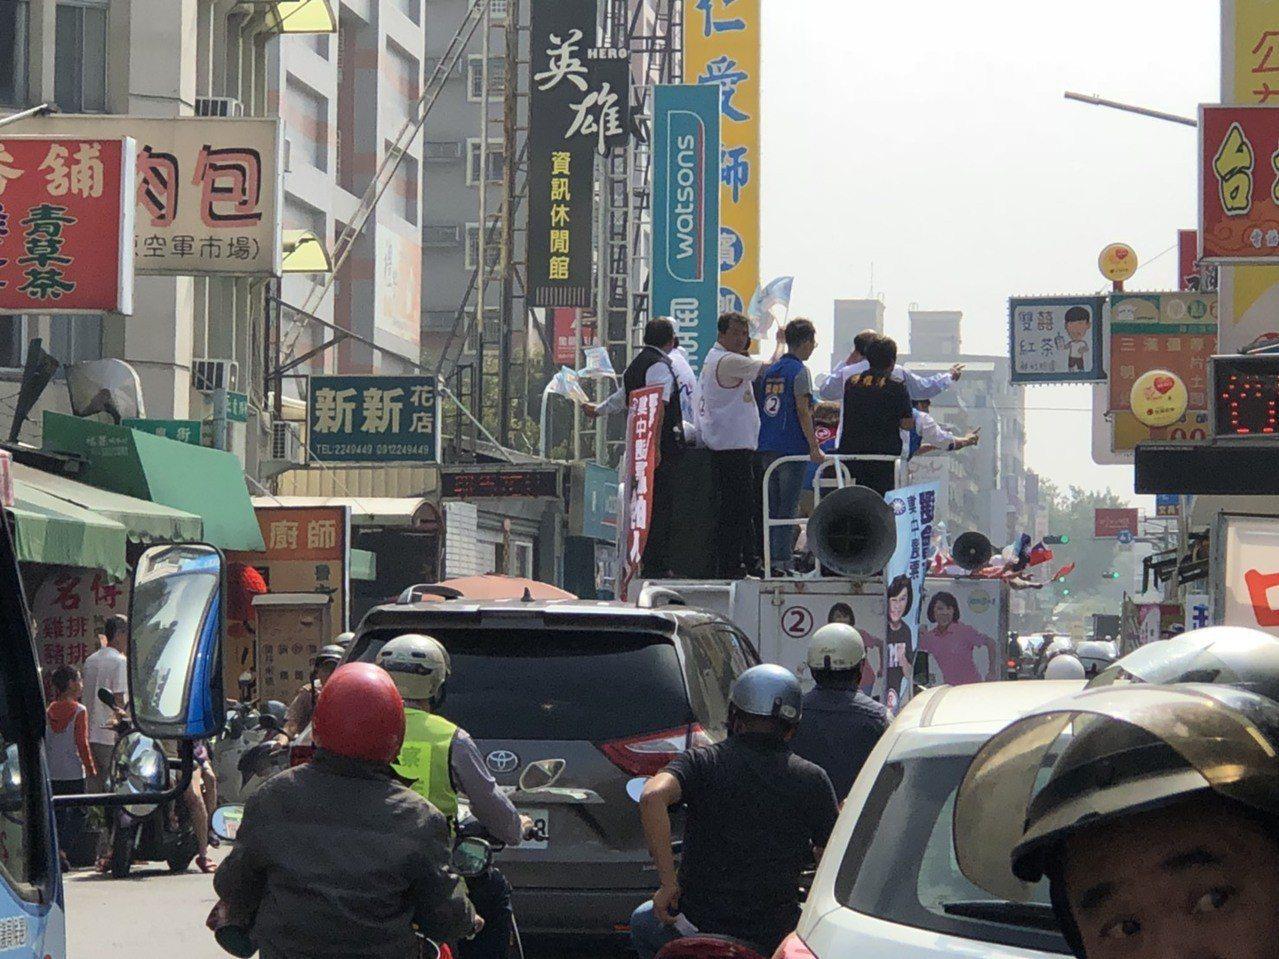 賴清德一行人在仁愛路一帶掃街時,新北市長朱立倫、國民黨嘉義市長候選人的車隊也經過...